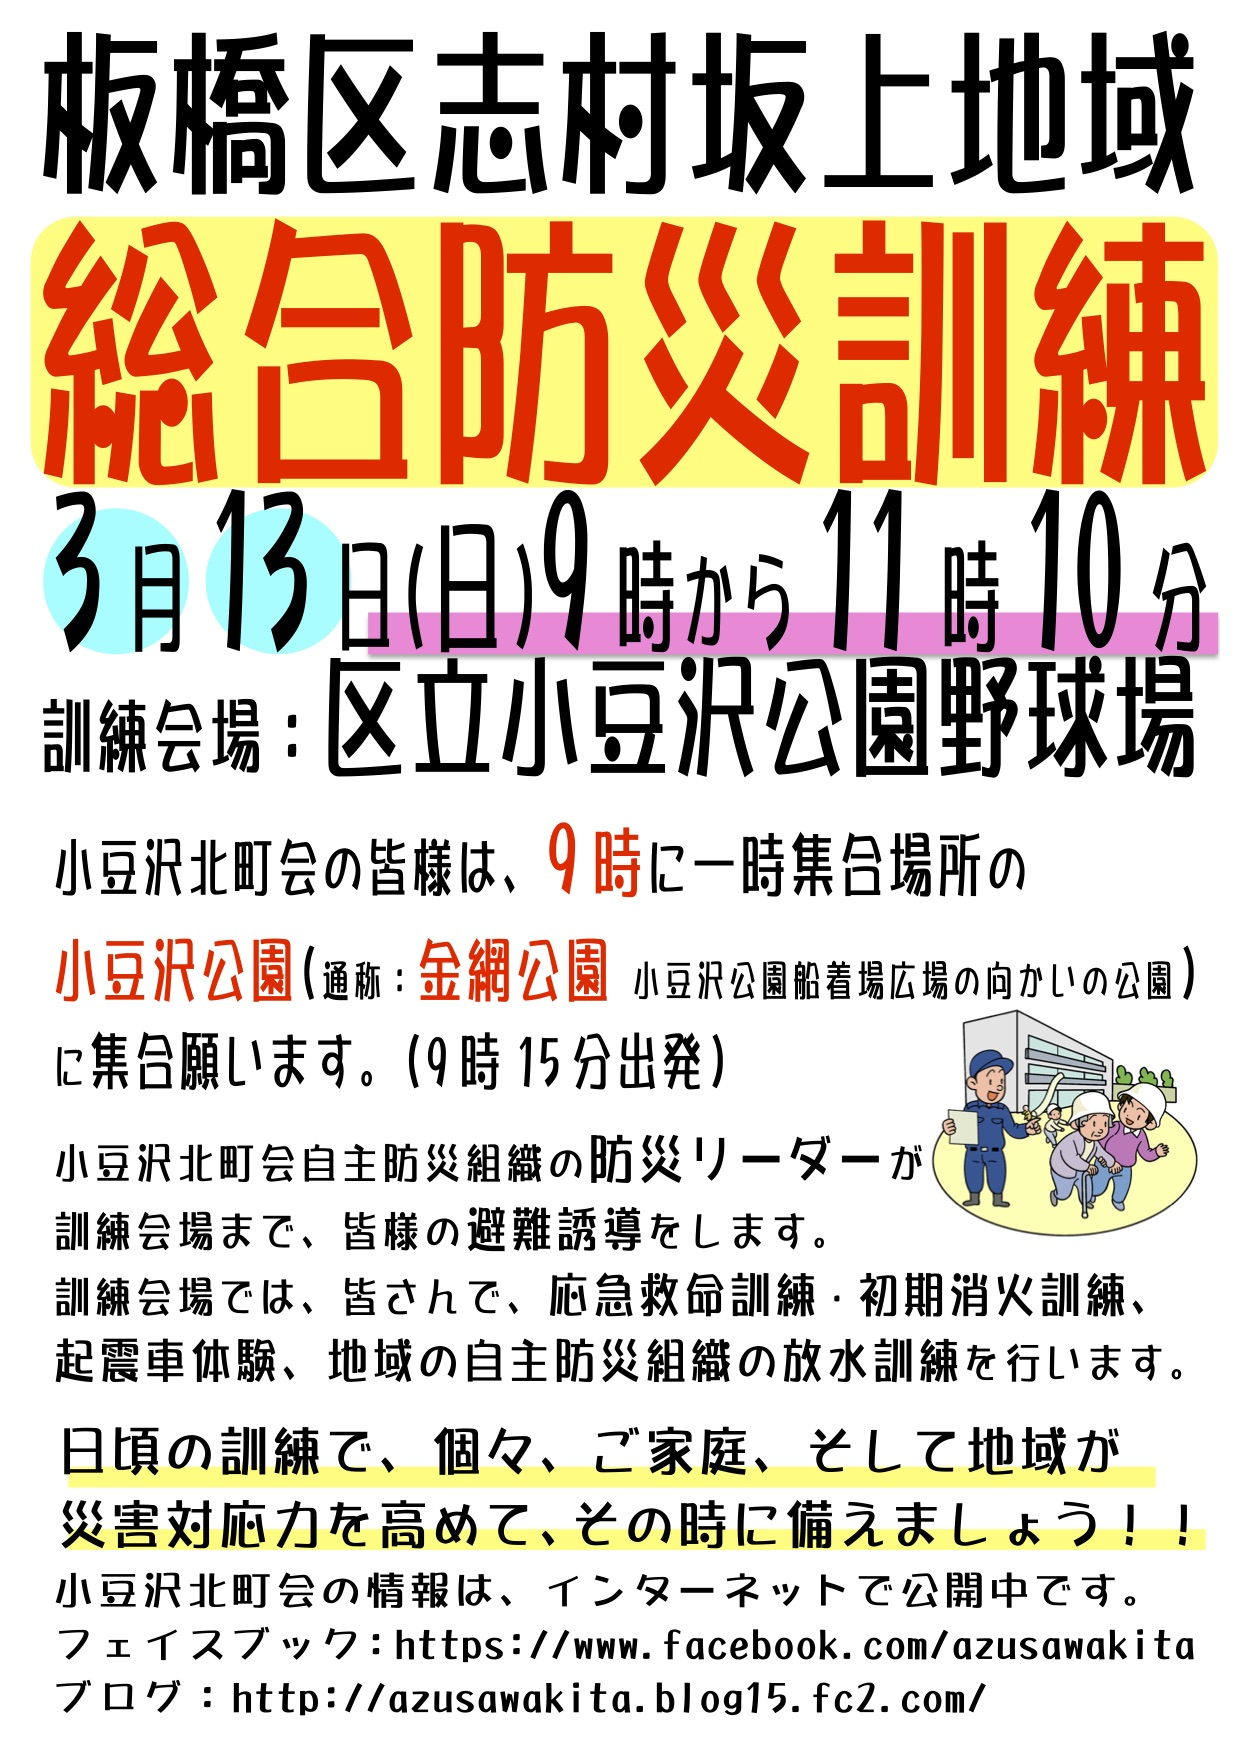 2016年3月13日(日)総合防災訓練